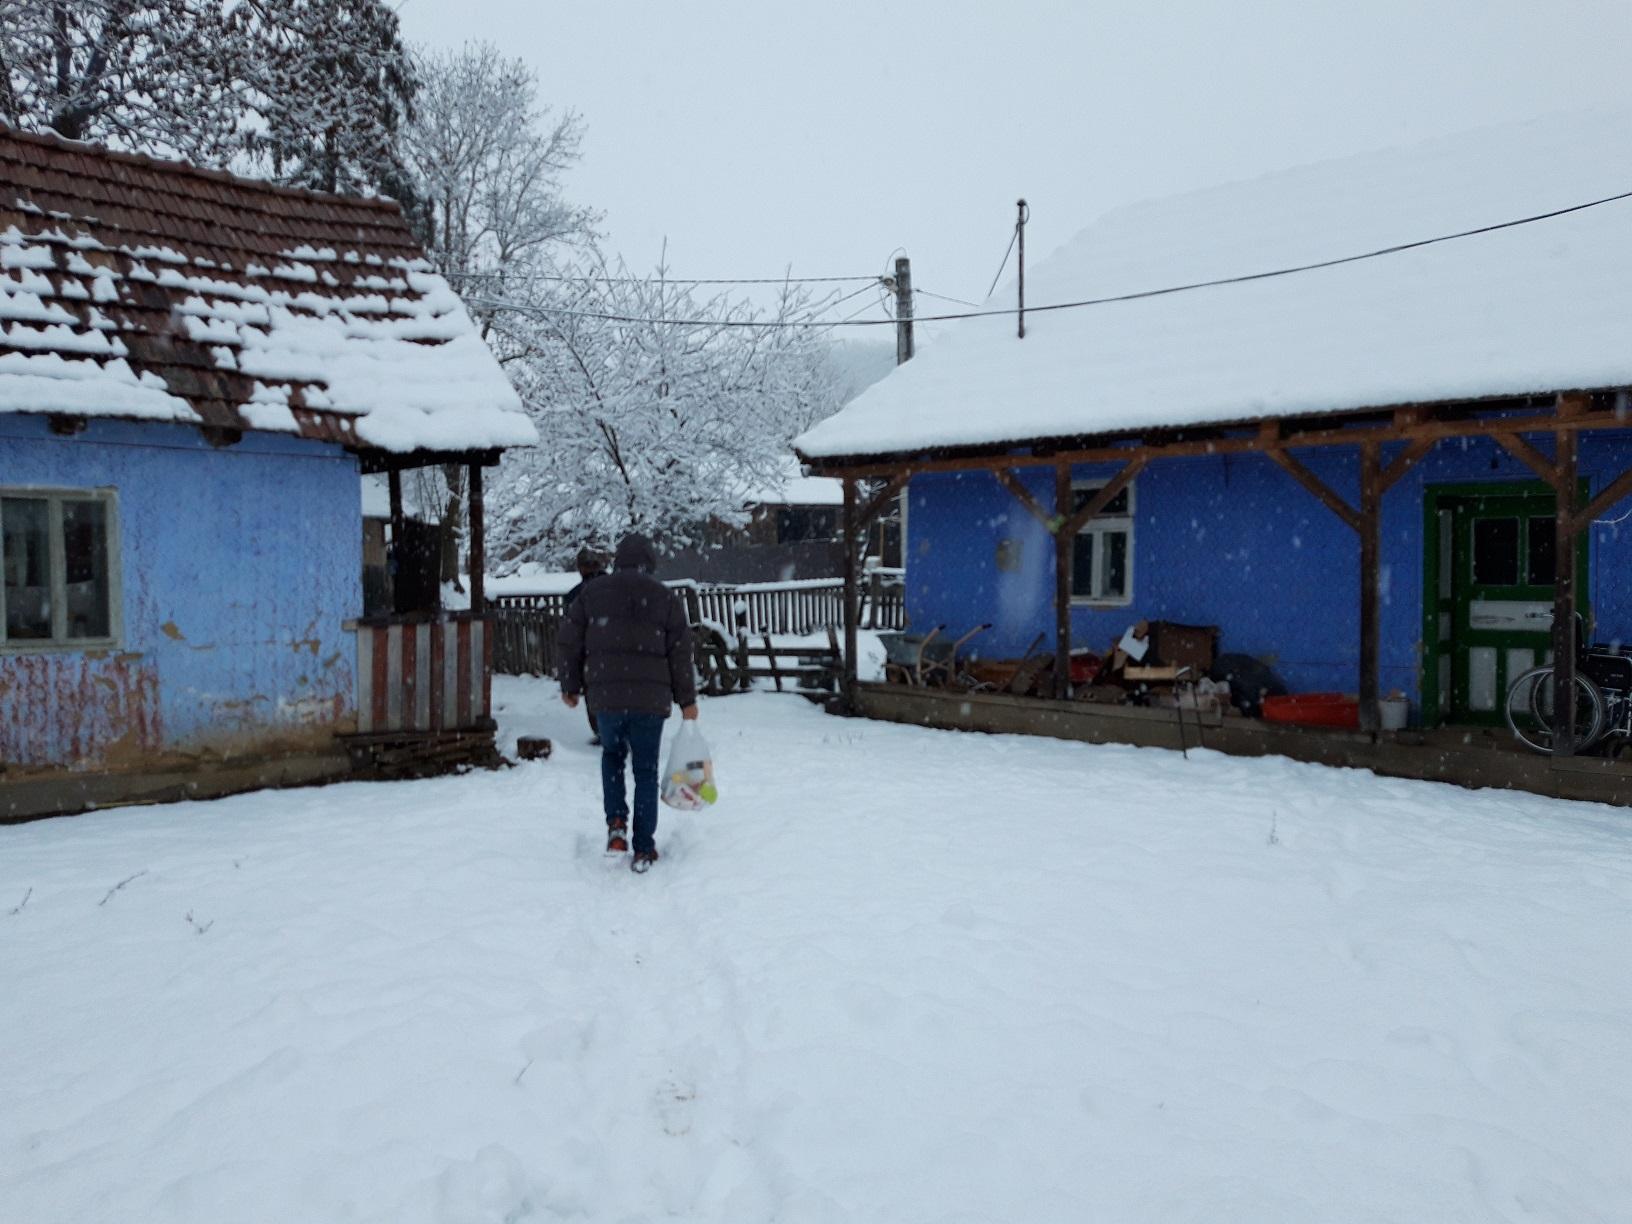 20181217_161233_oroszfalya.jpg